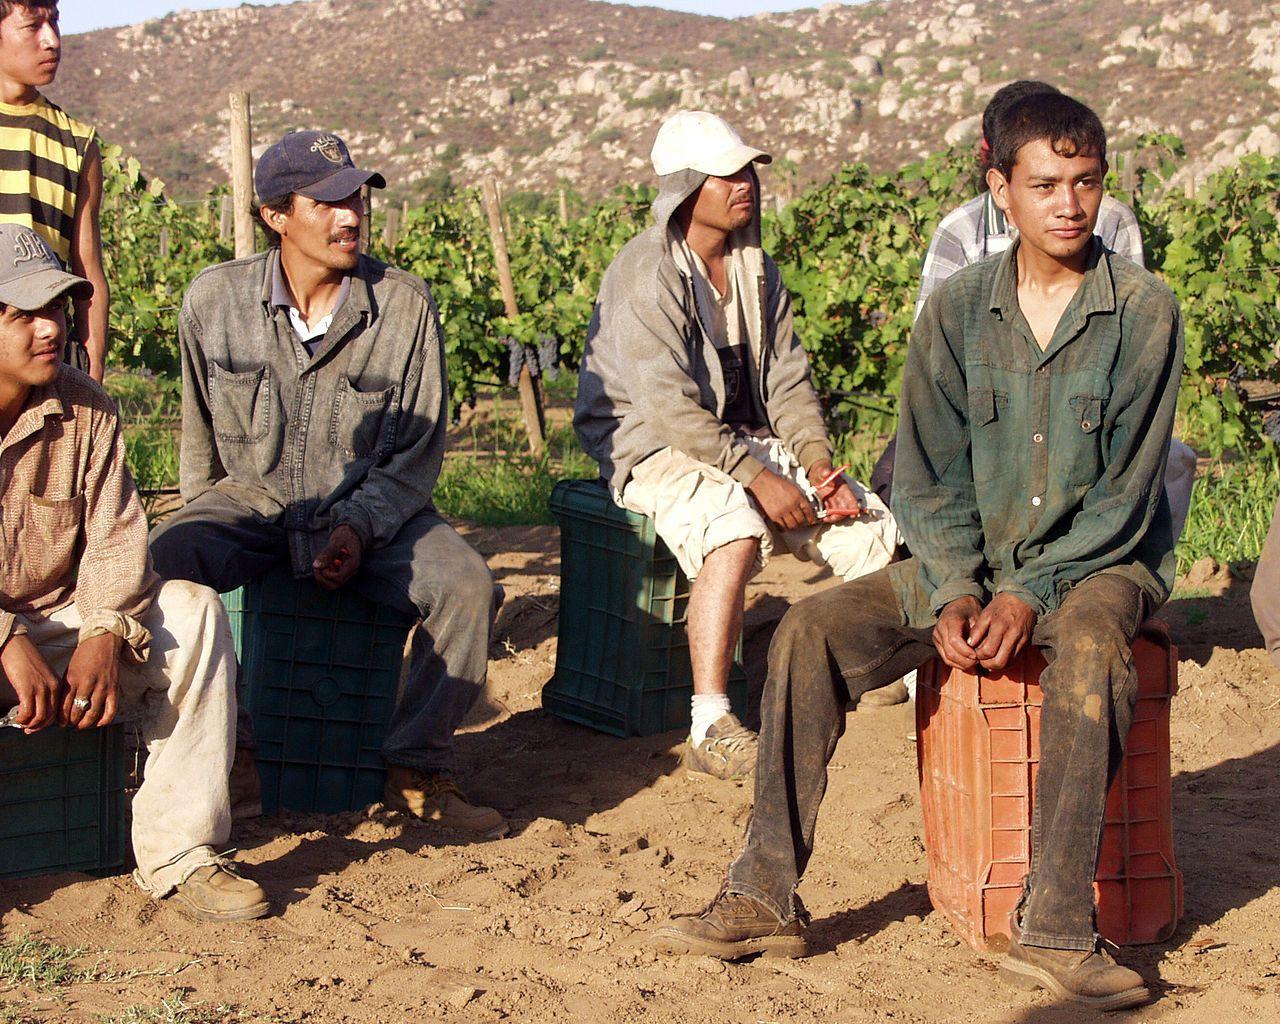 Trabajadores mexicanos son los que más sufren la explotación laboral